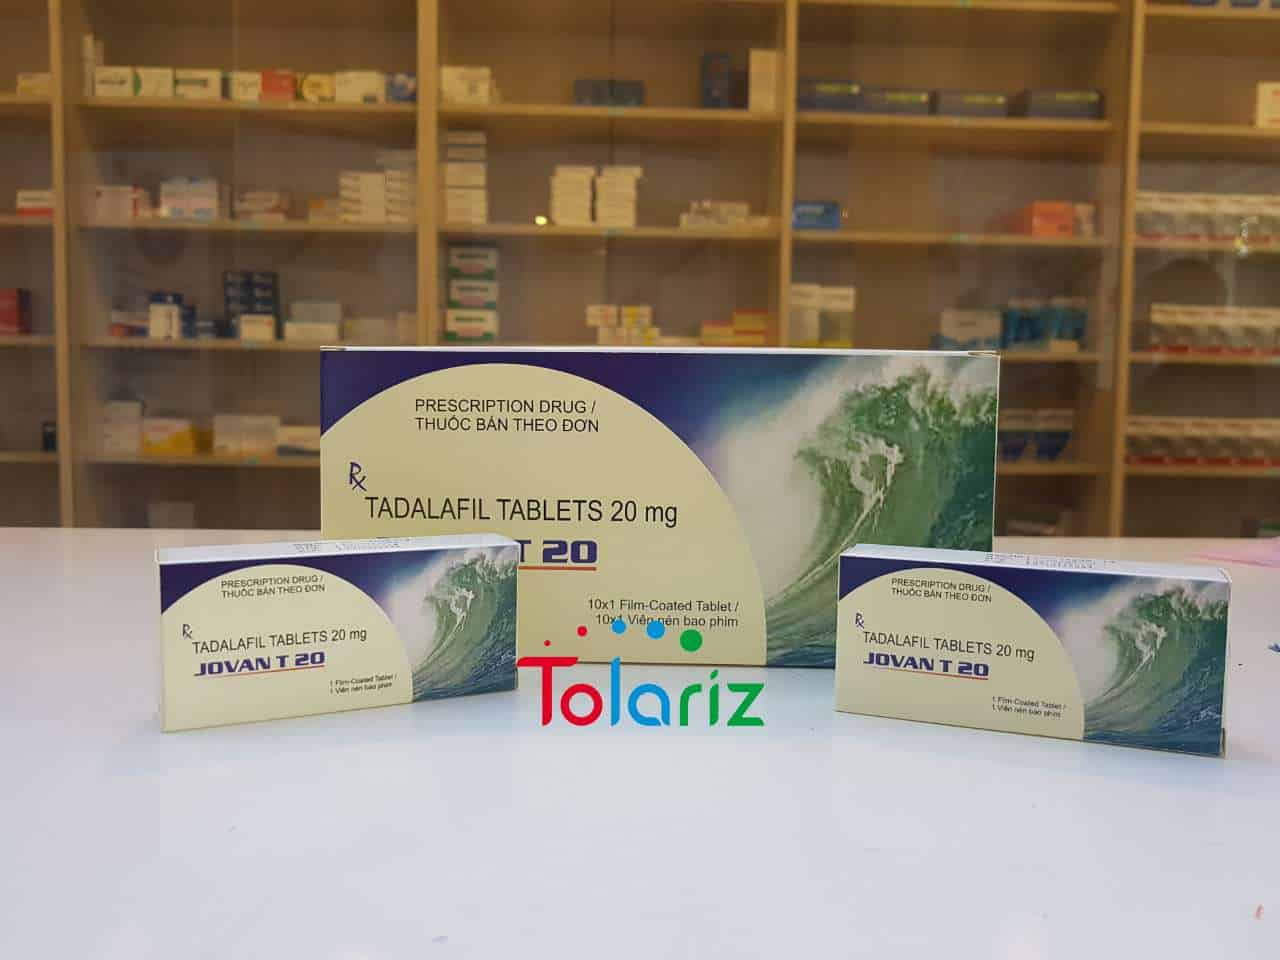 Thuốc Jovan T20 là thuốc tăng cường thời gian cương dương, đồng thời hỗ trợ điều trị rối loạn cương dương bằng cơ chế hoạt chất từ Tadalafil 20mh có điều kiện.